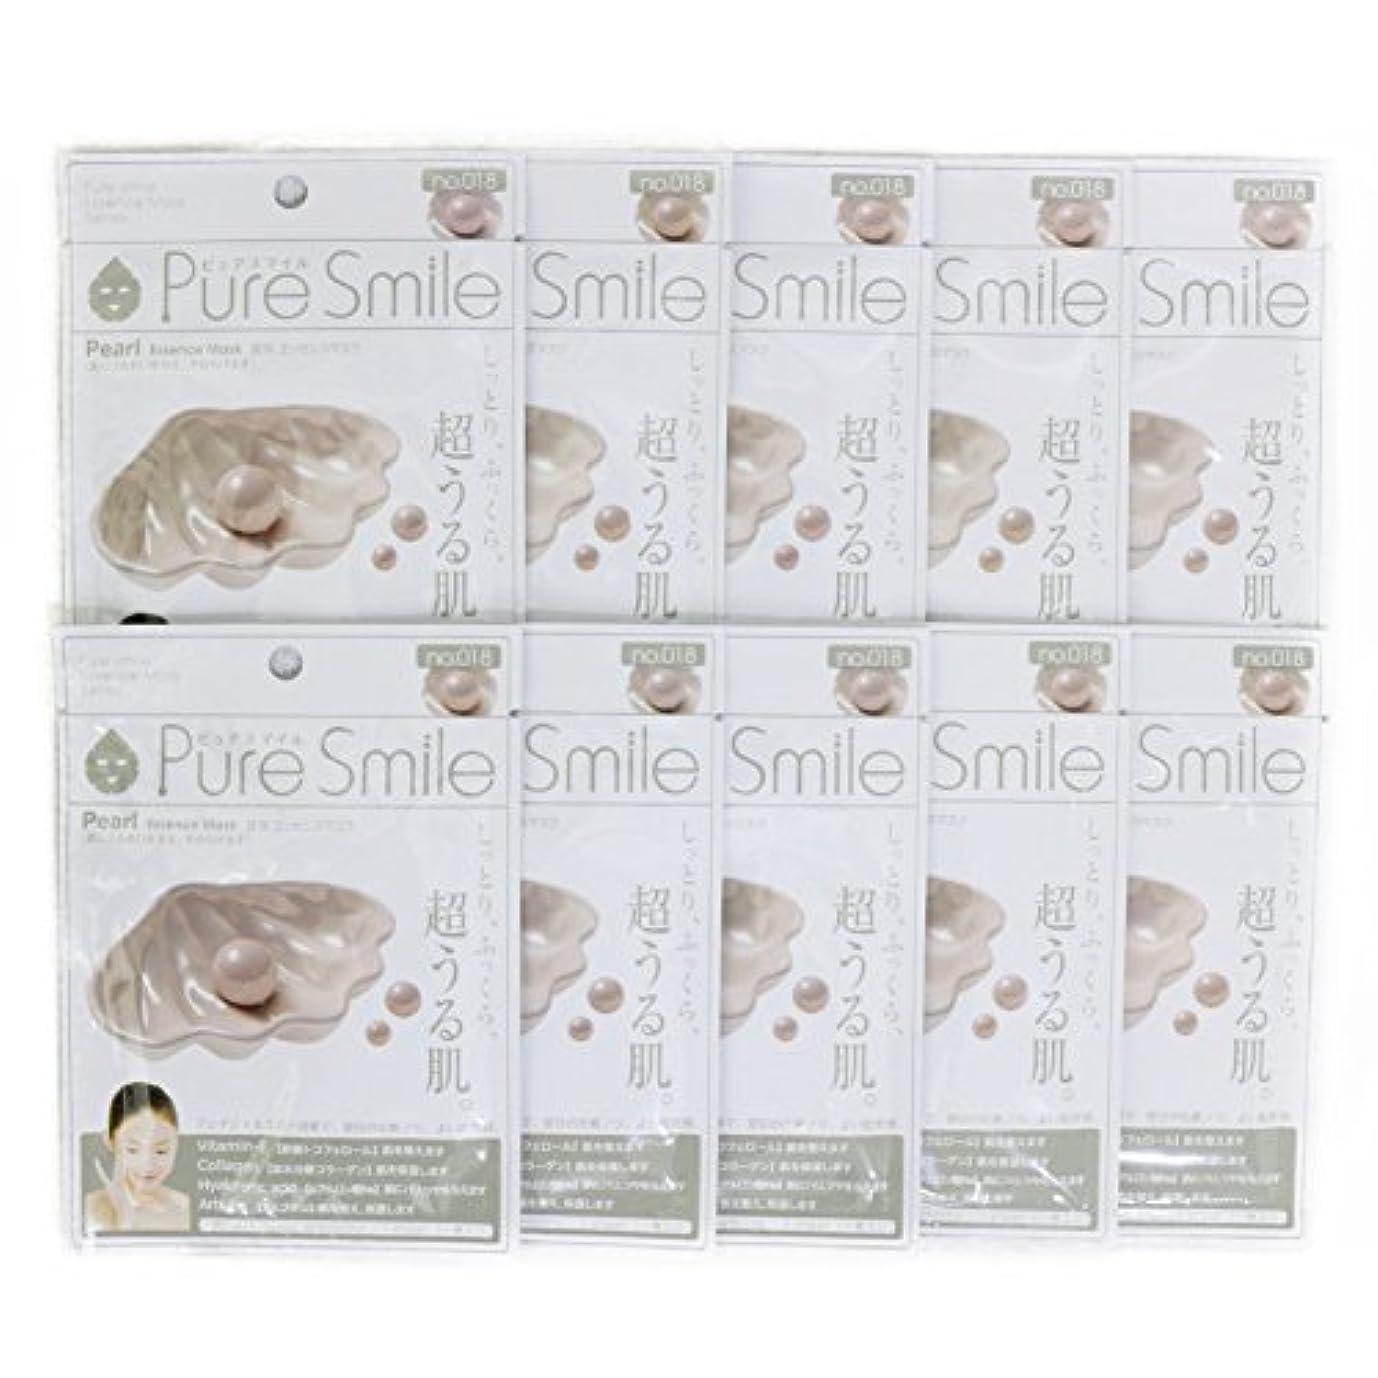 ラジエーターインセンティブ持っているPure Smile ピュアスマイル エッセンスマスク 真珠 10枚セット